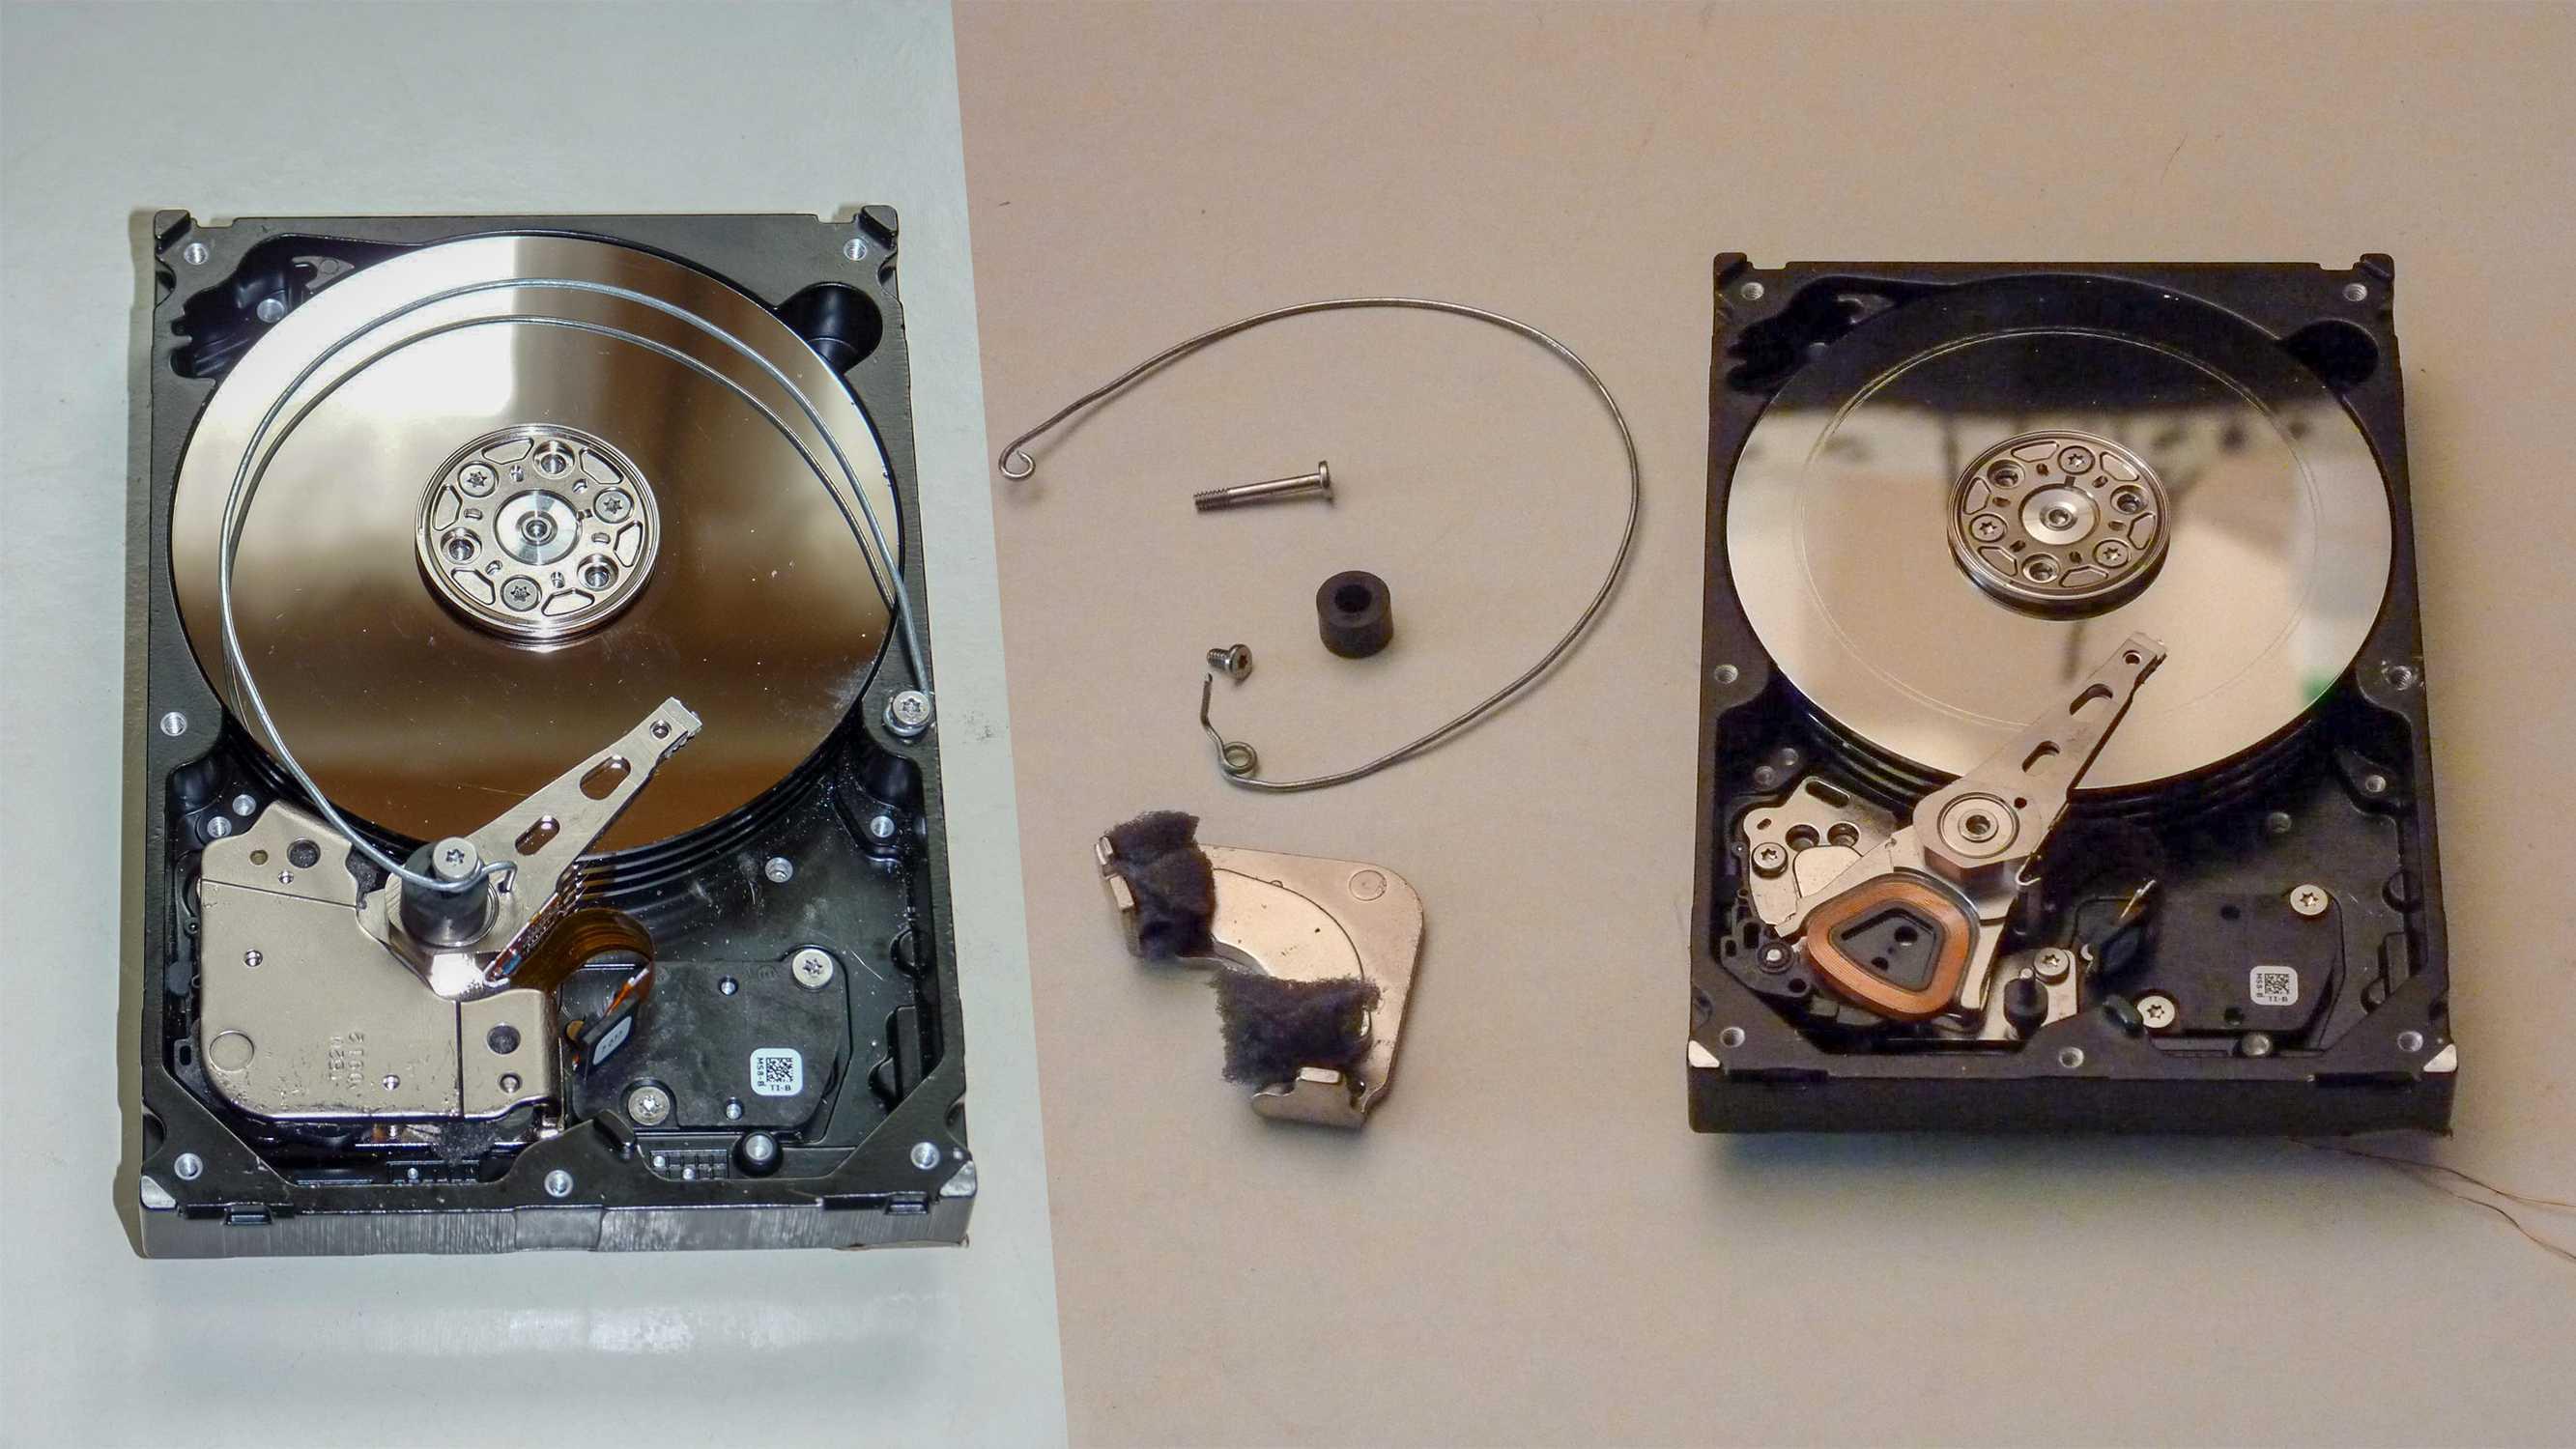 Collage aus Festplatte mit Drahtaufbau sowie der Festplatte mit den einzelnen Bauteilen.